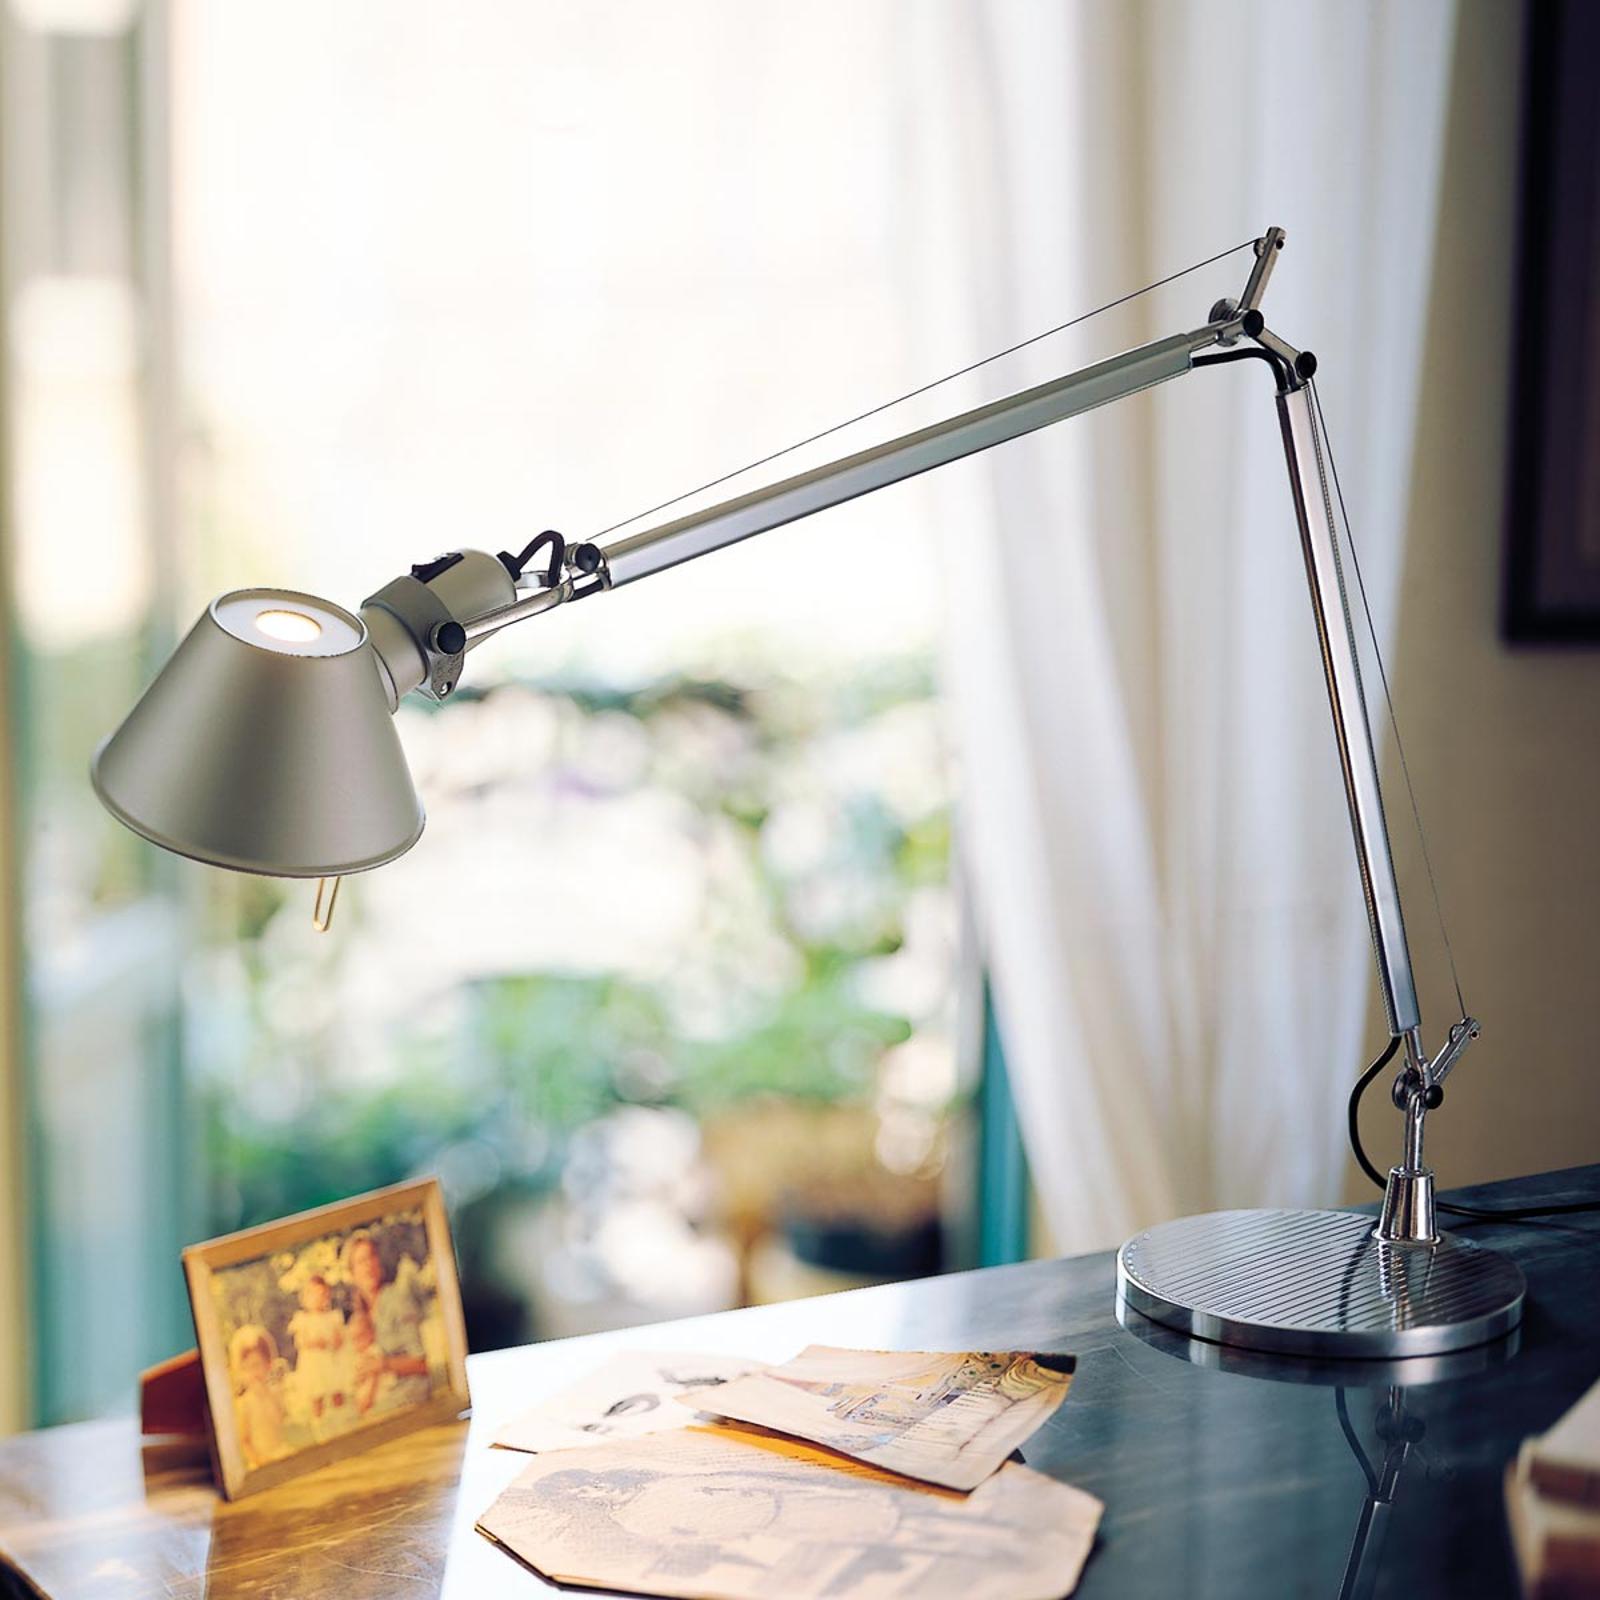 Lampe à poser LED classique Tolomeo Table